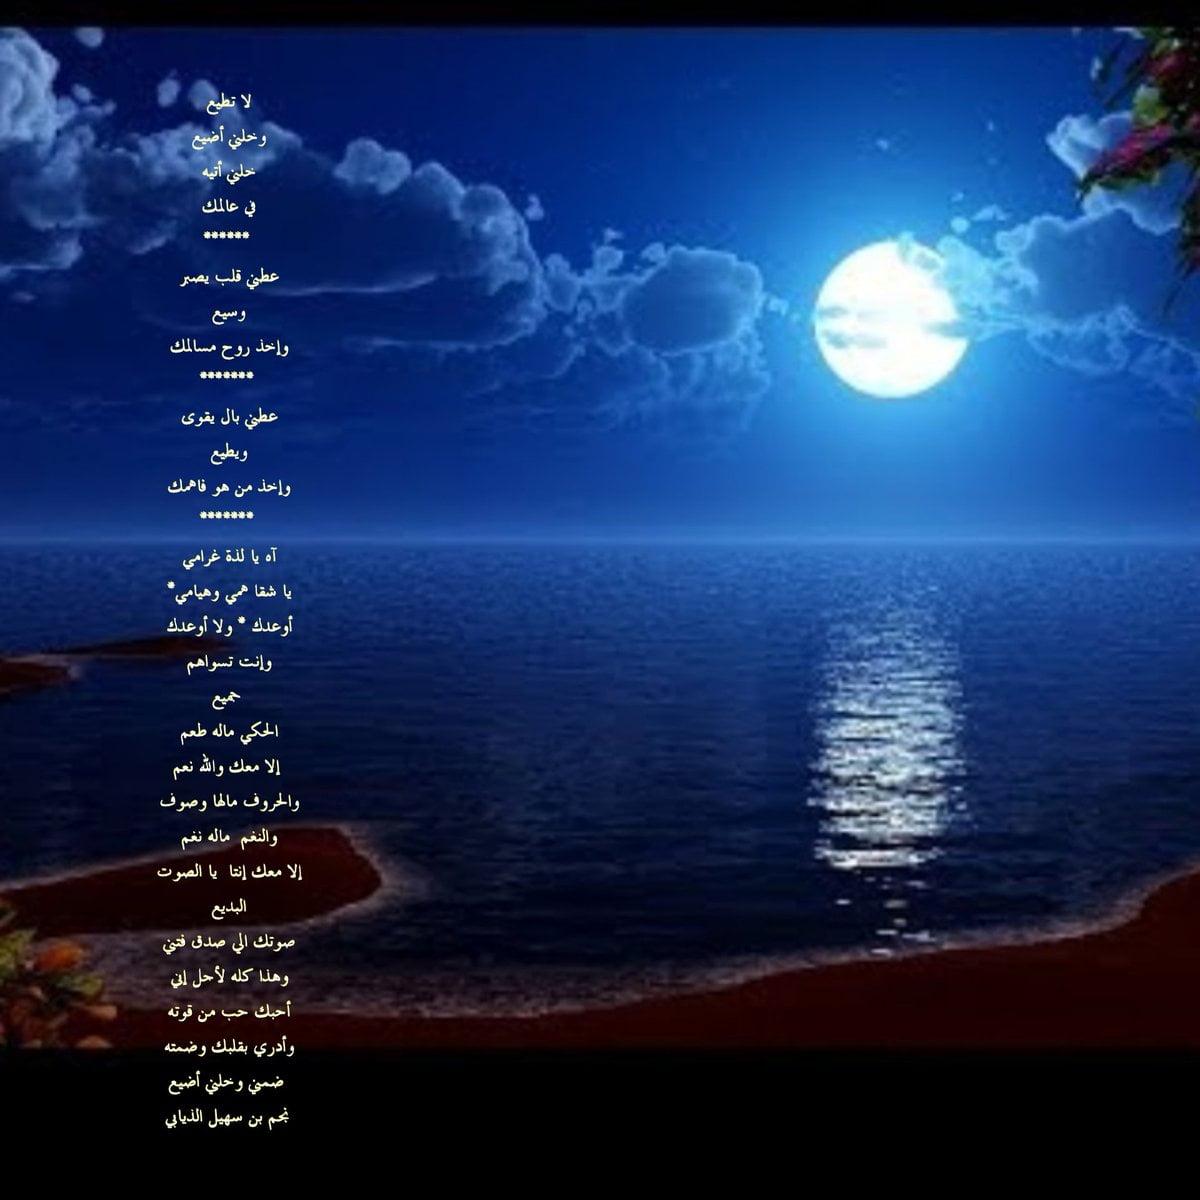 نتيجة بحث الصور عن الشاعر نجم سهيل الذيابي